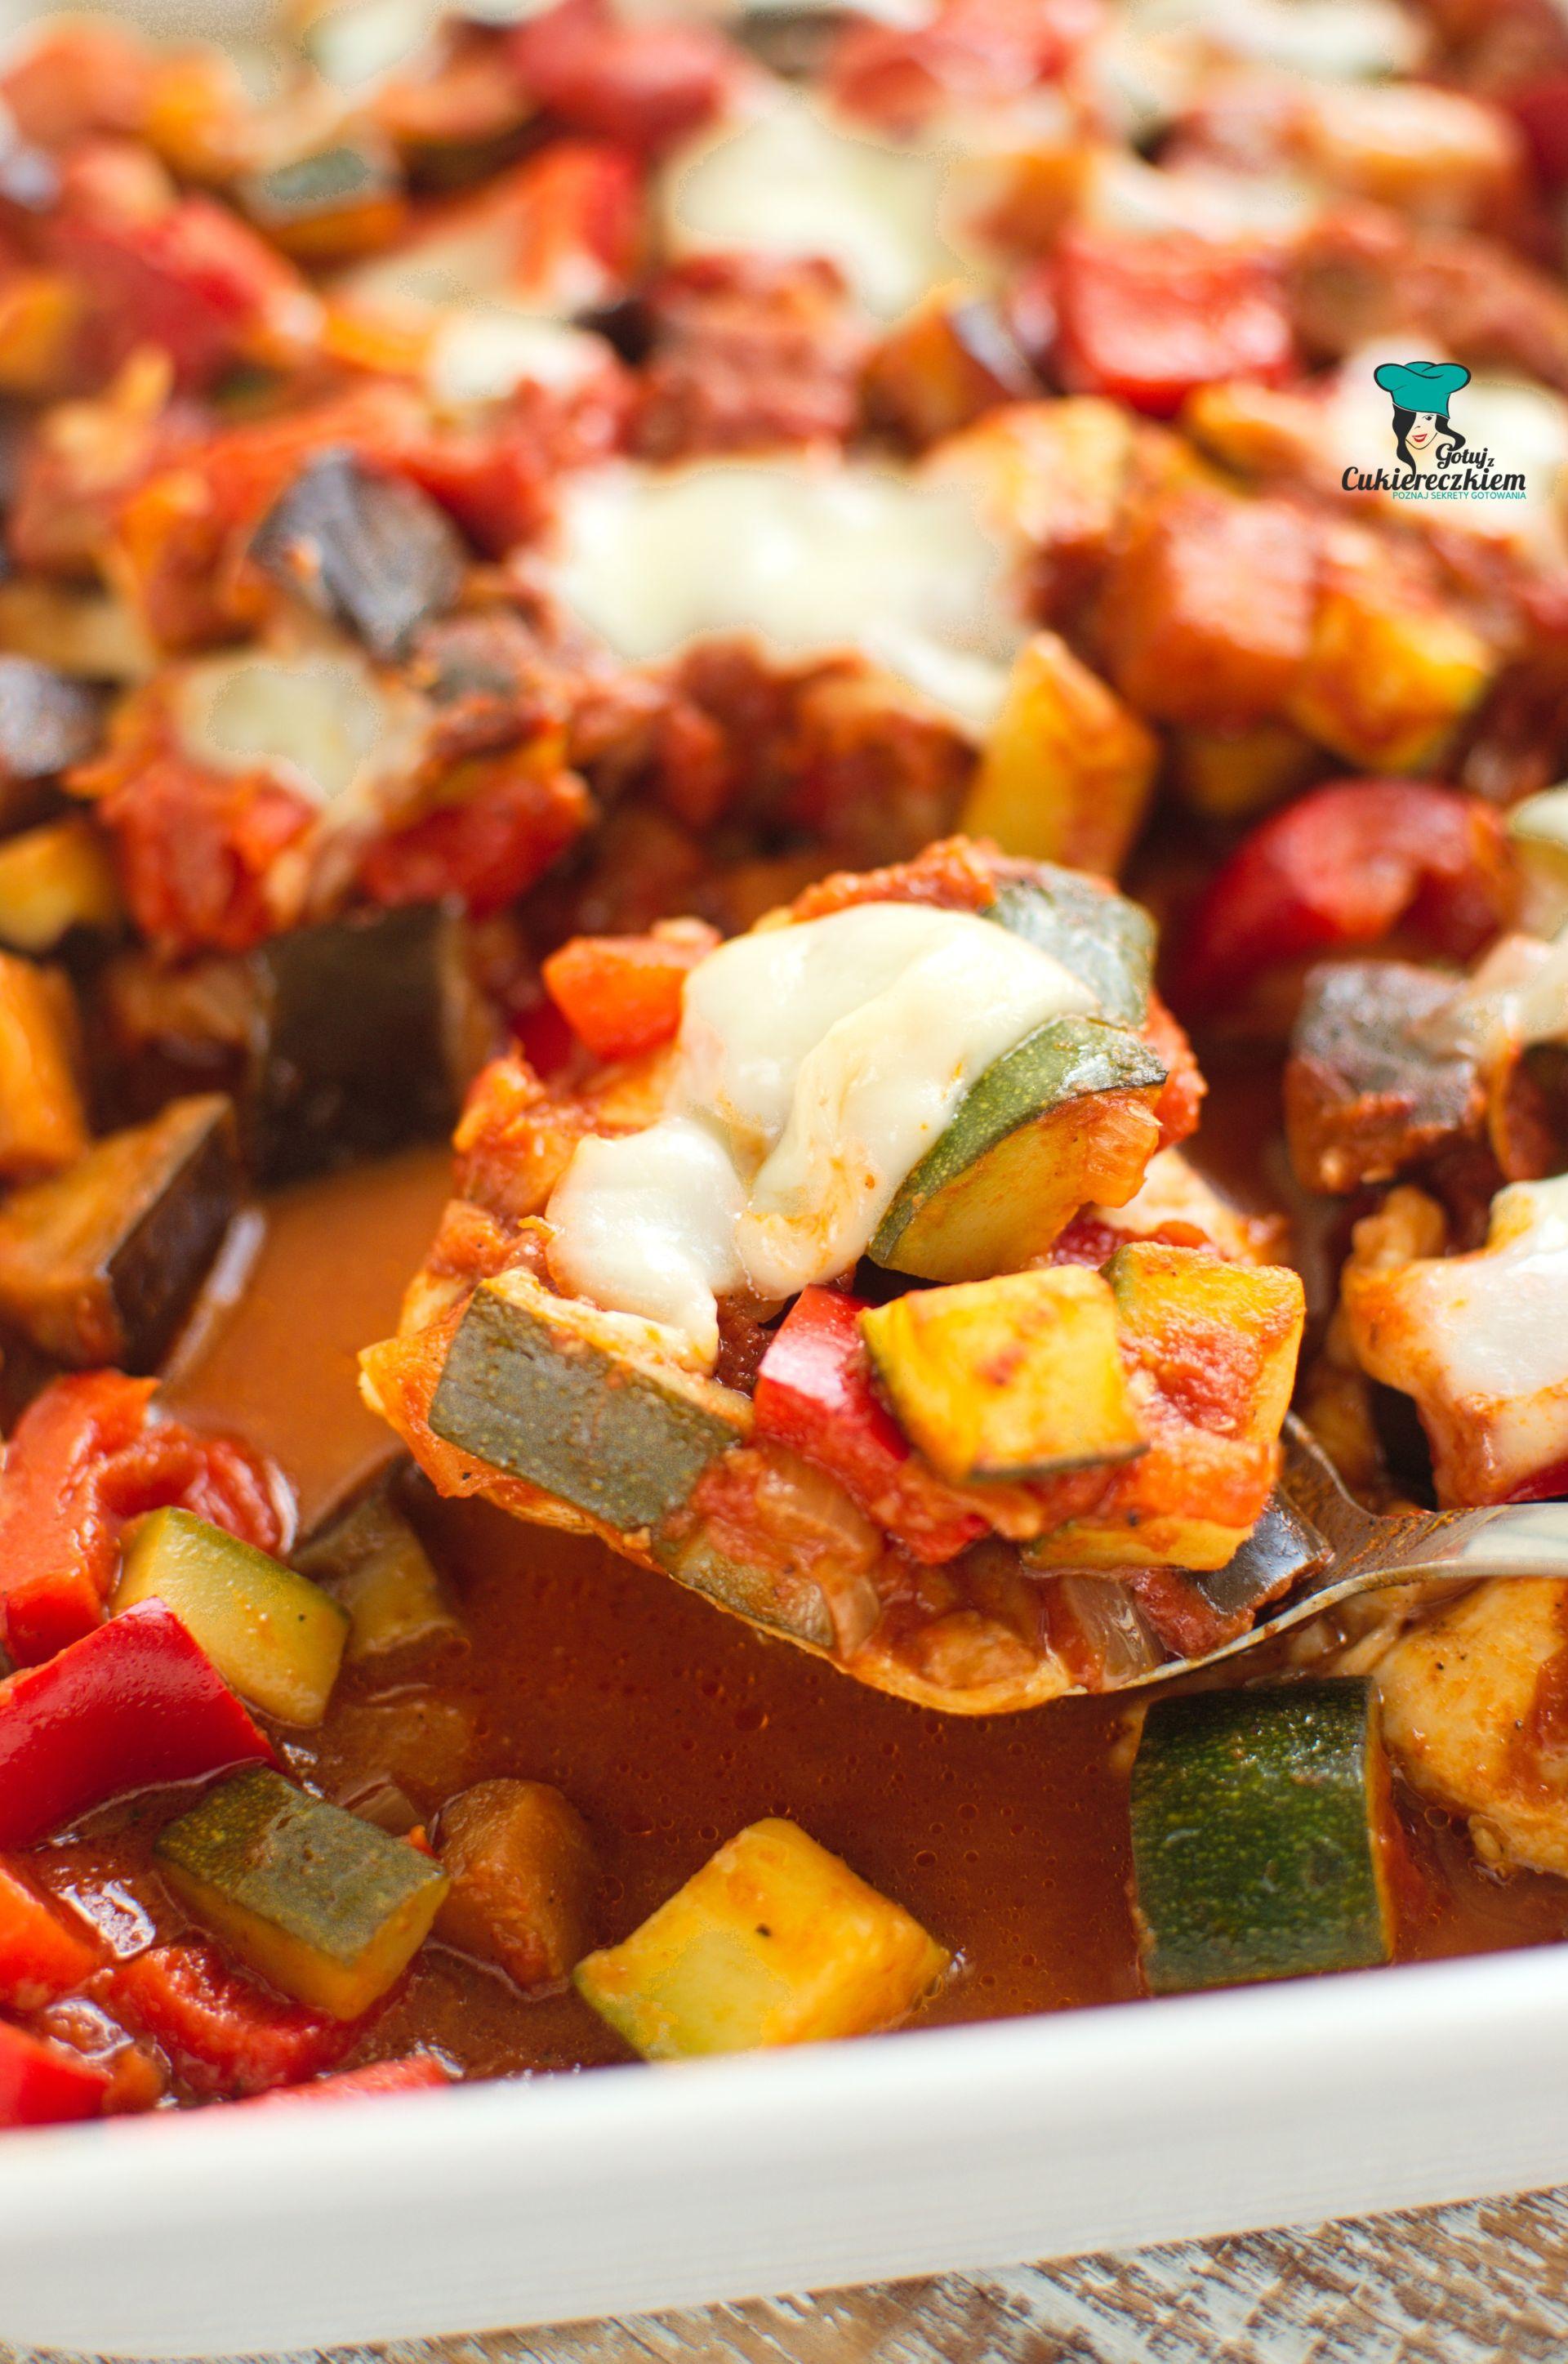 Fileciki z kurczaka zapiekane z warzywami i mozzarellą